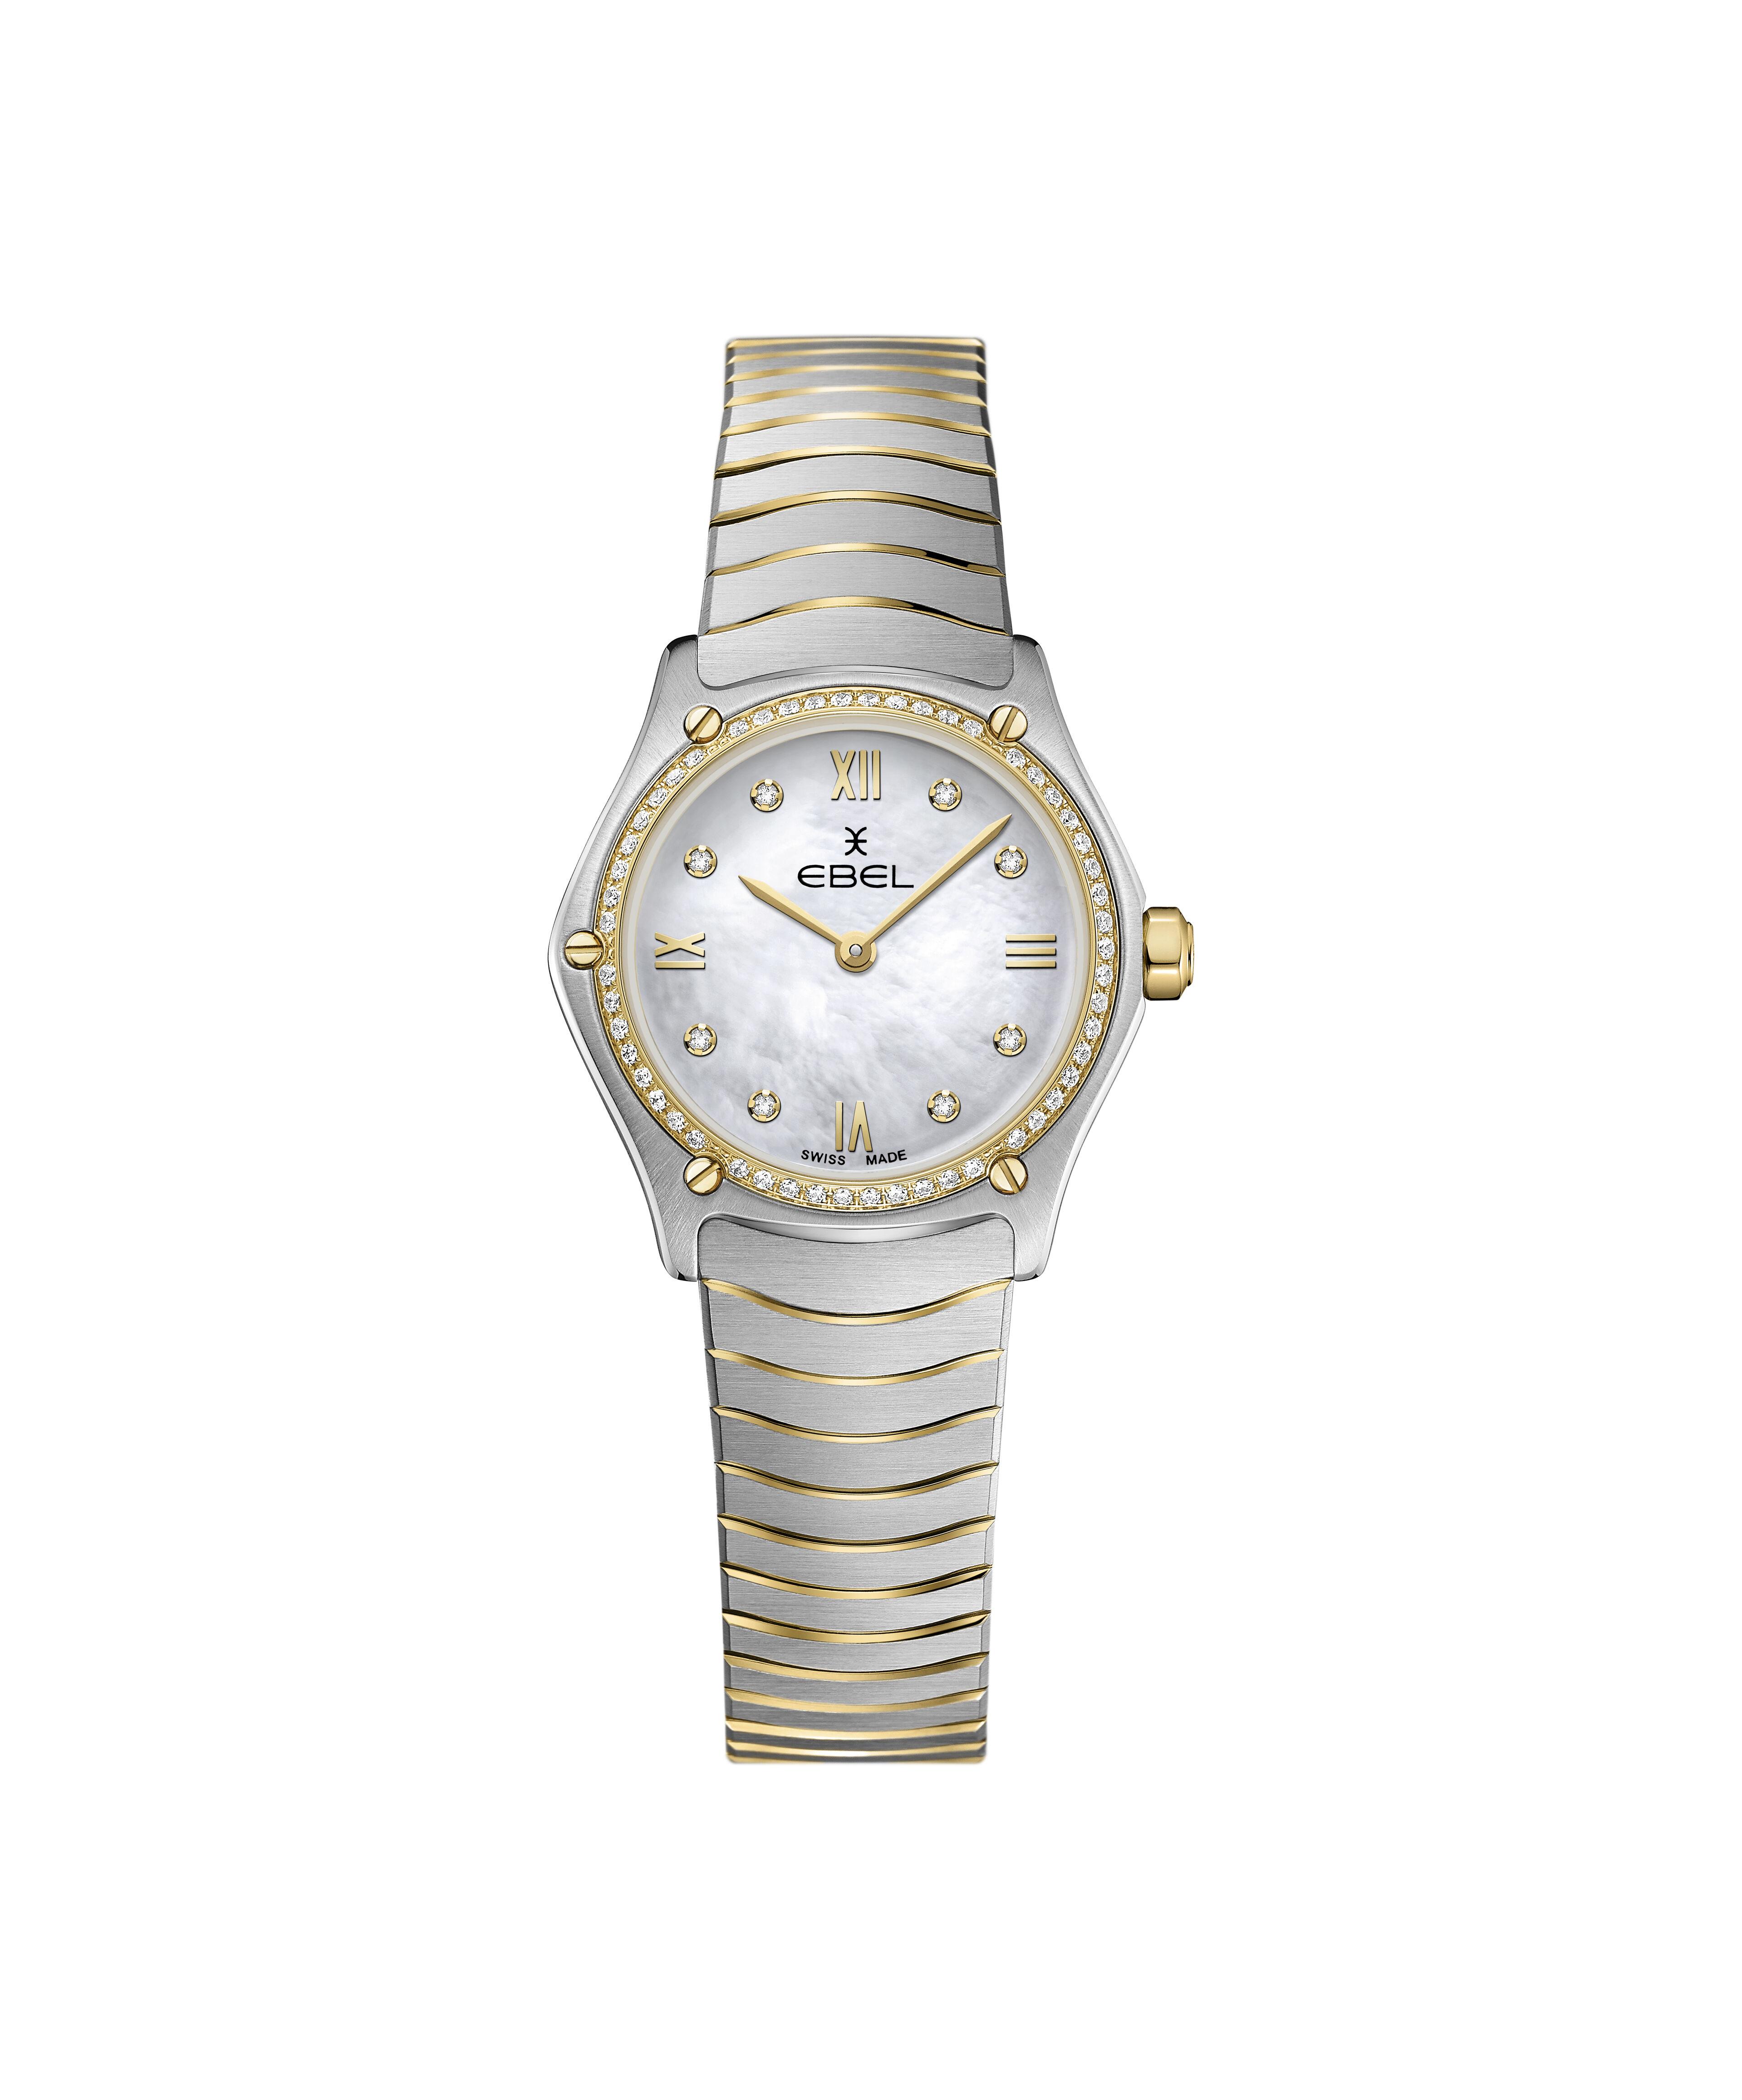 Wo man gefälschte Umbau-Uhren kauft